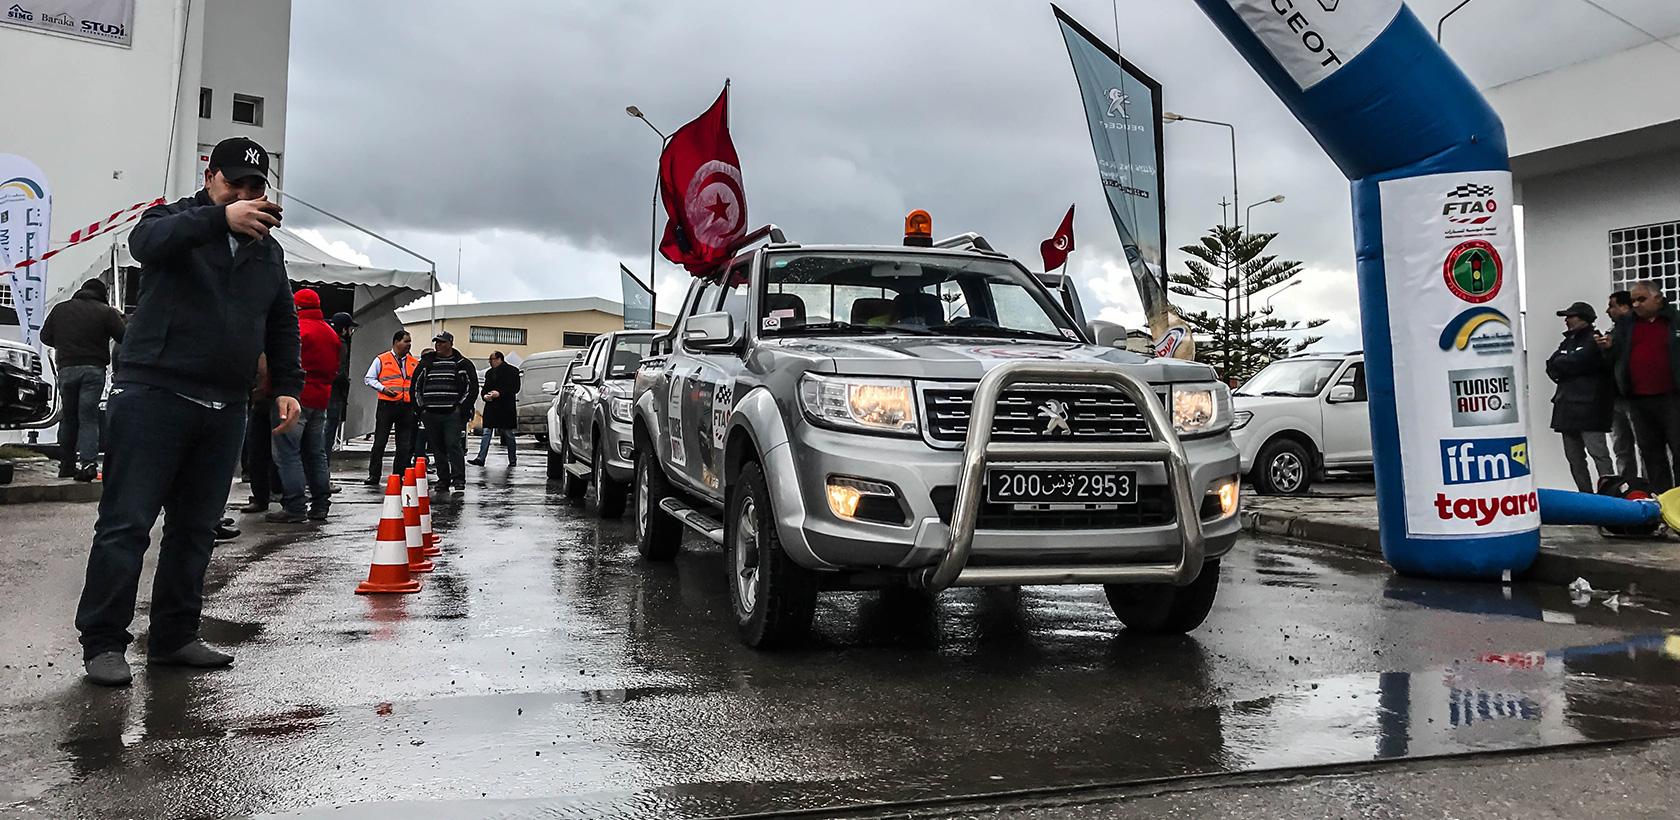 Départ du Rallye de régularité Peugeot Pickup